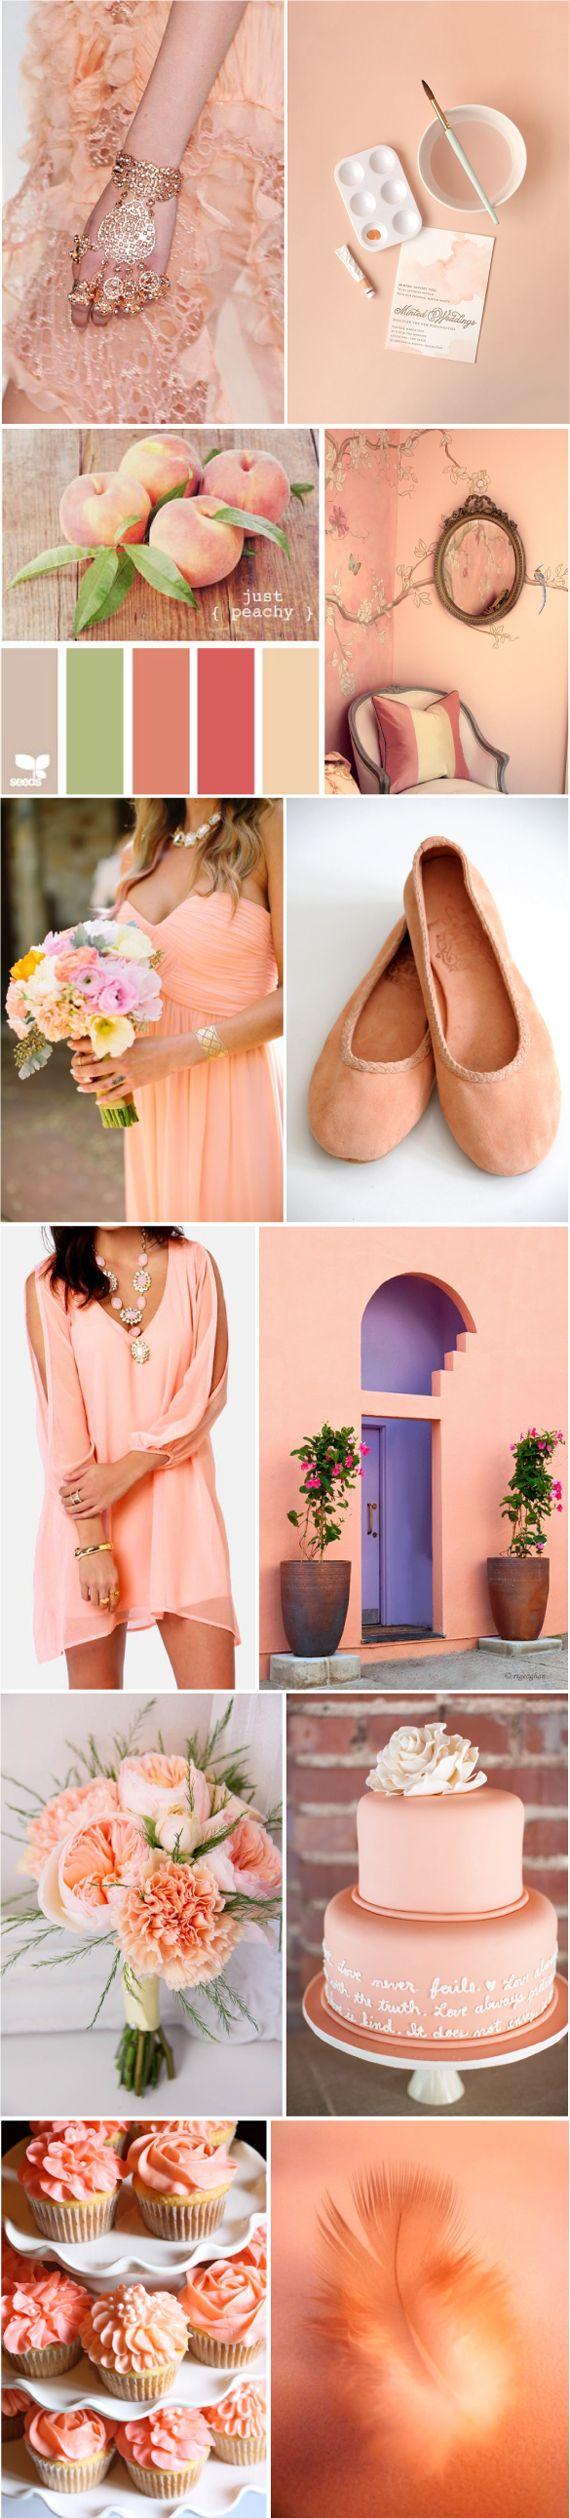 Персиковые цвета